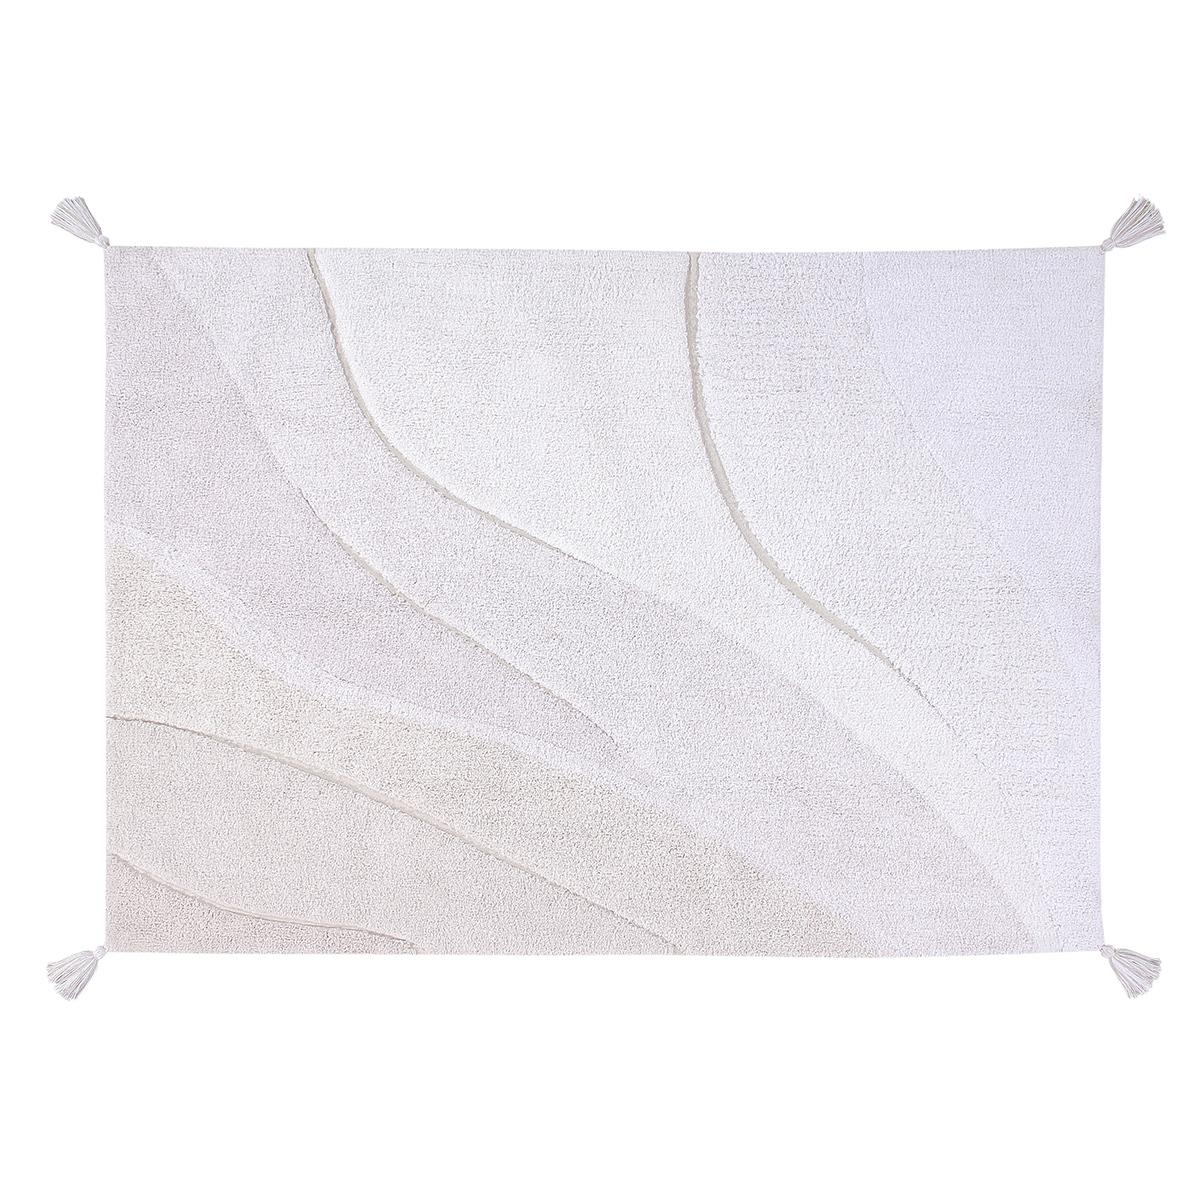 Tapis Tapis Lavable Coton Dégradé Beige - 140 x 200 cm Tapis Lavable Coton Dégradé Beige - 140 x 200 cm